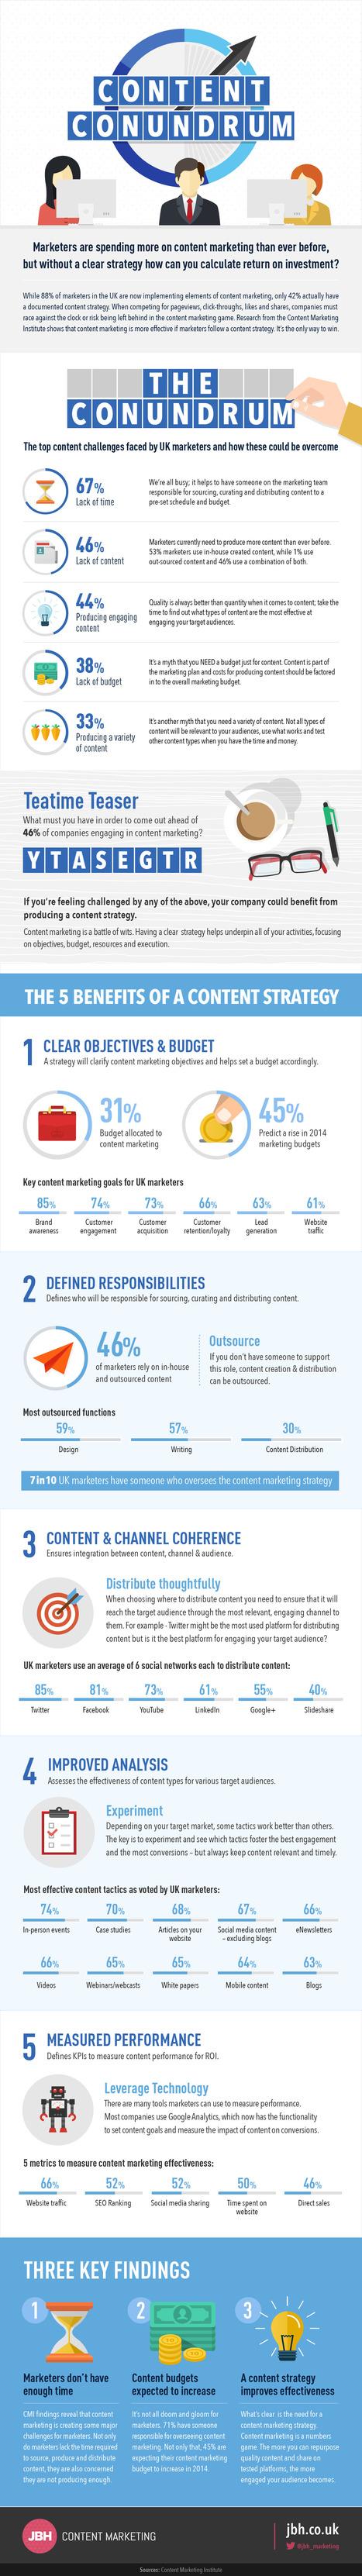 Planifique la estrategia de contenidos para mejorar el ROI de marketing [Infografía] | Gestión de contenidos | Scoop.it